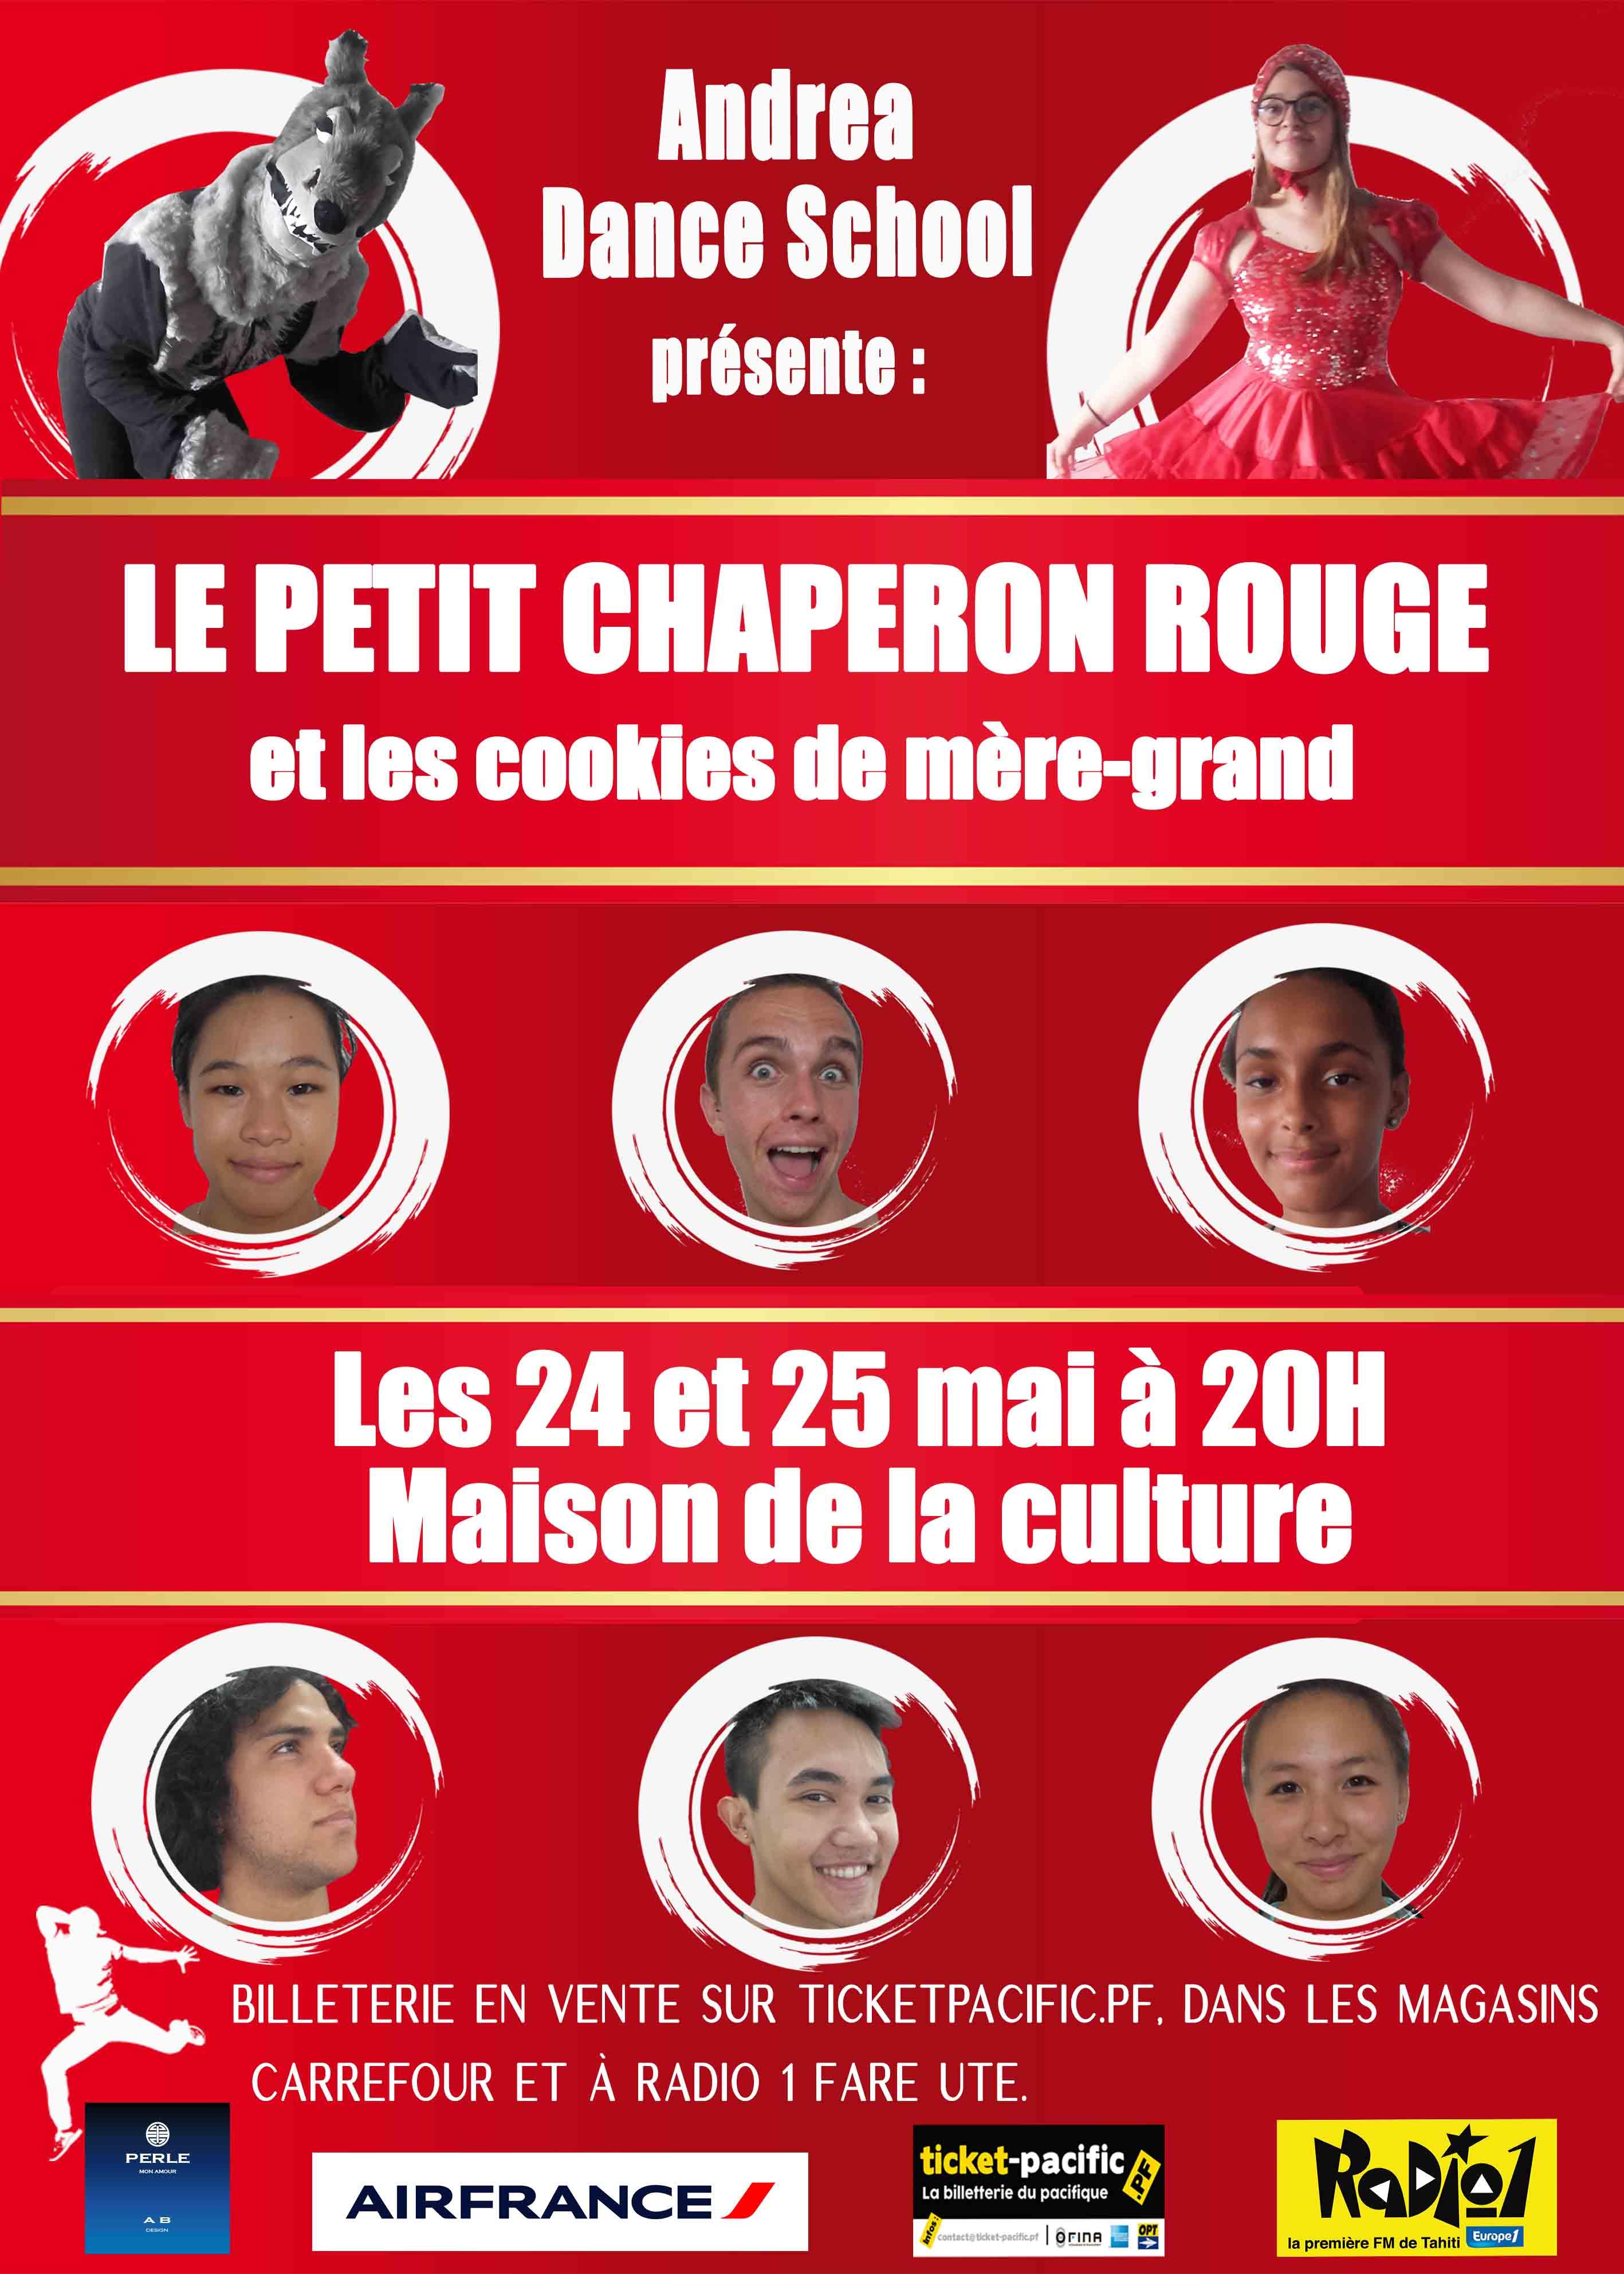 Andréa dance school revisite l'histoire du Petit Chaperon rouge